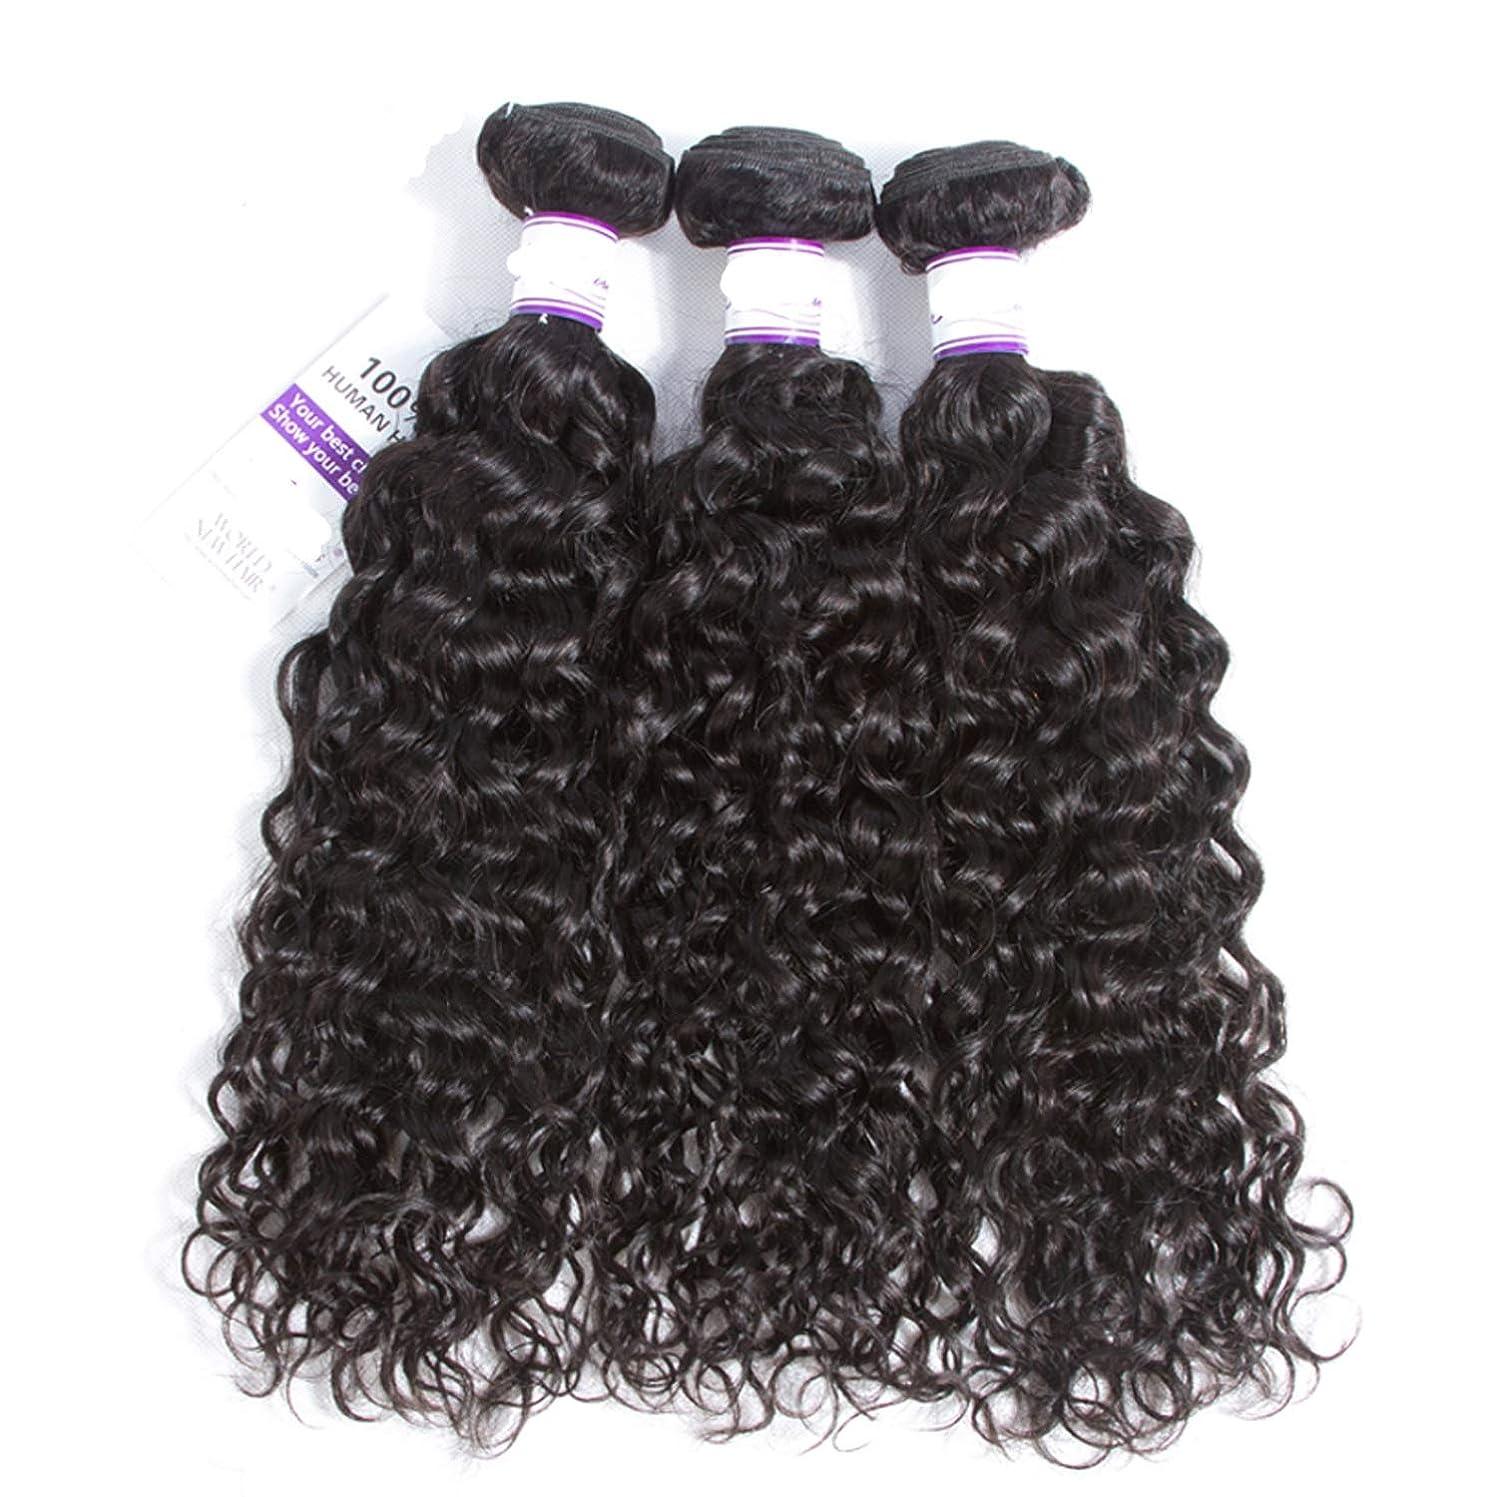 獣期限小数インドの水波実体髪3バンドル髪織り100%人間のremy髪横糸8-28インチ体毛延長 (Length : 12 14 16)